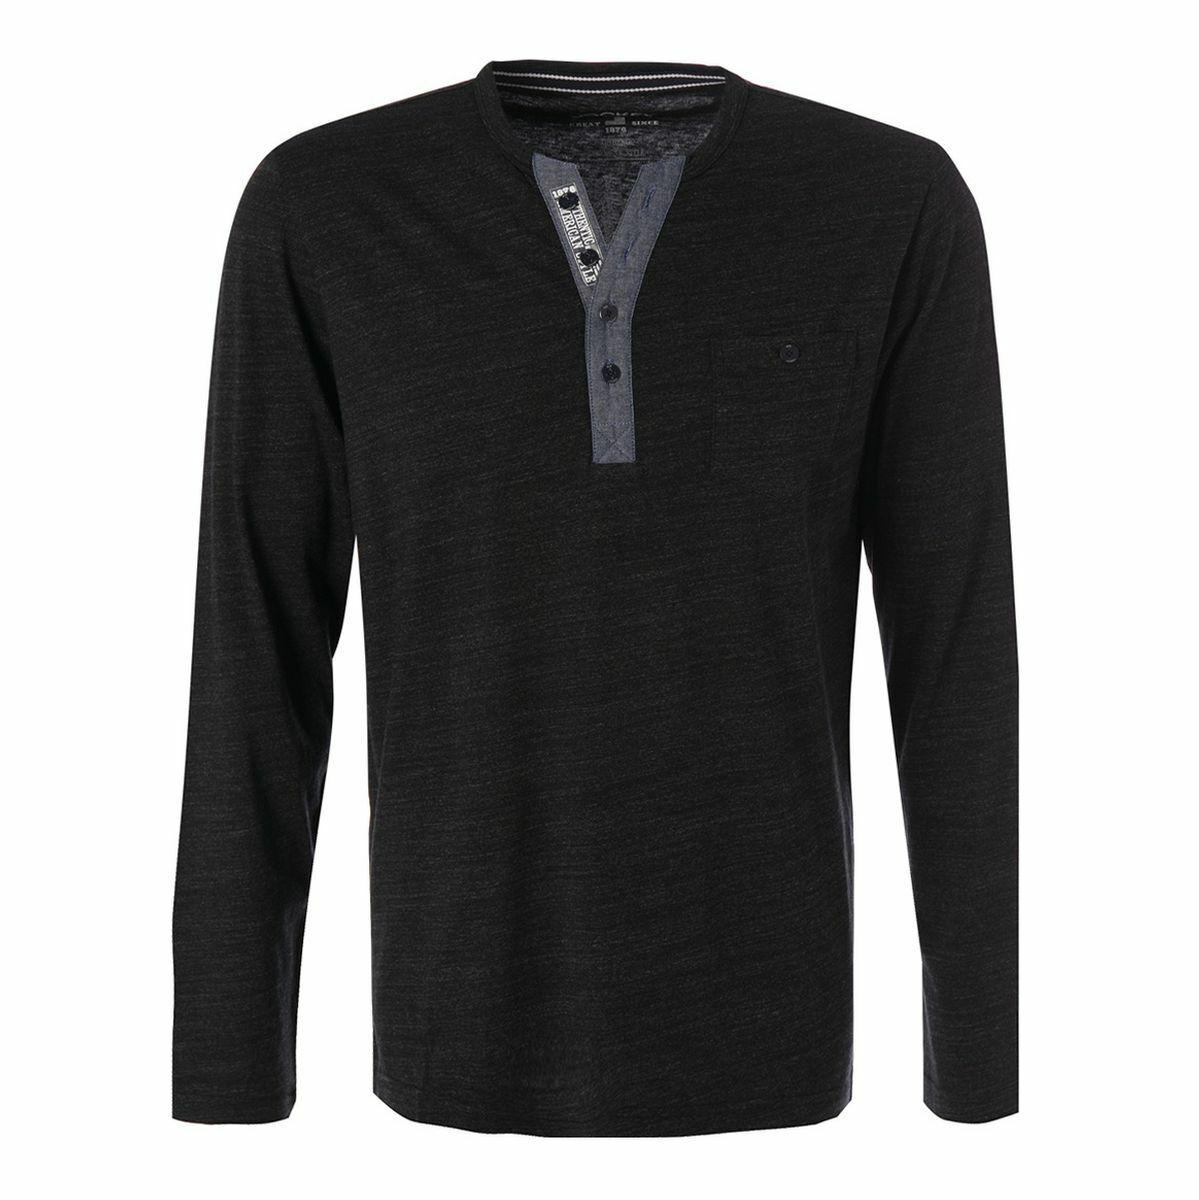 XXl Jockey Langarm Shirt Knopfleiste schwarz meliert 2XL 3XL 4XL 5XL 6XL NEU